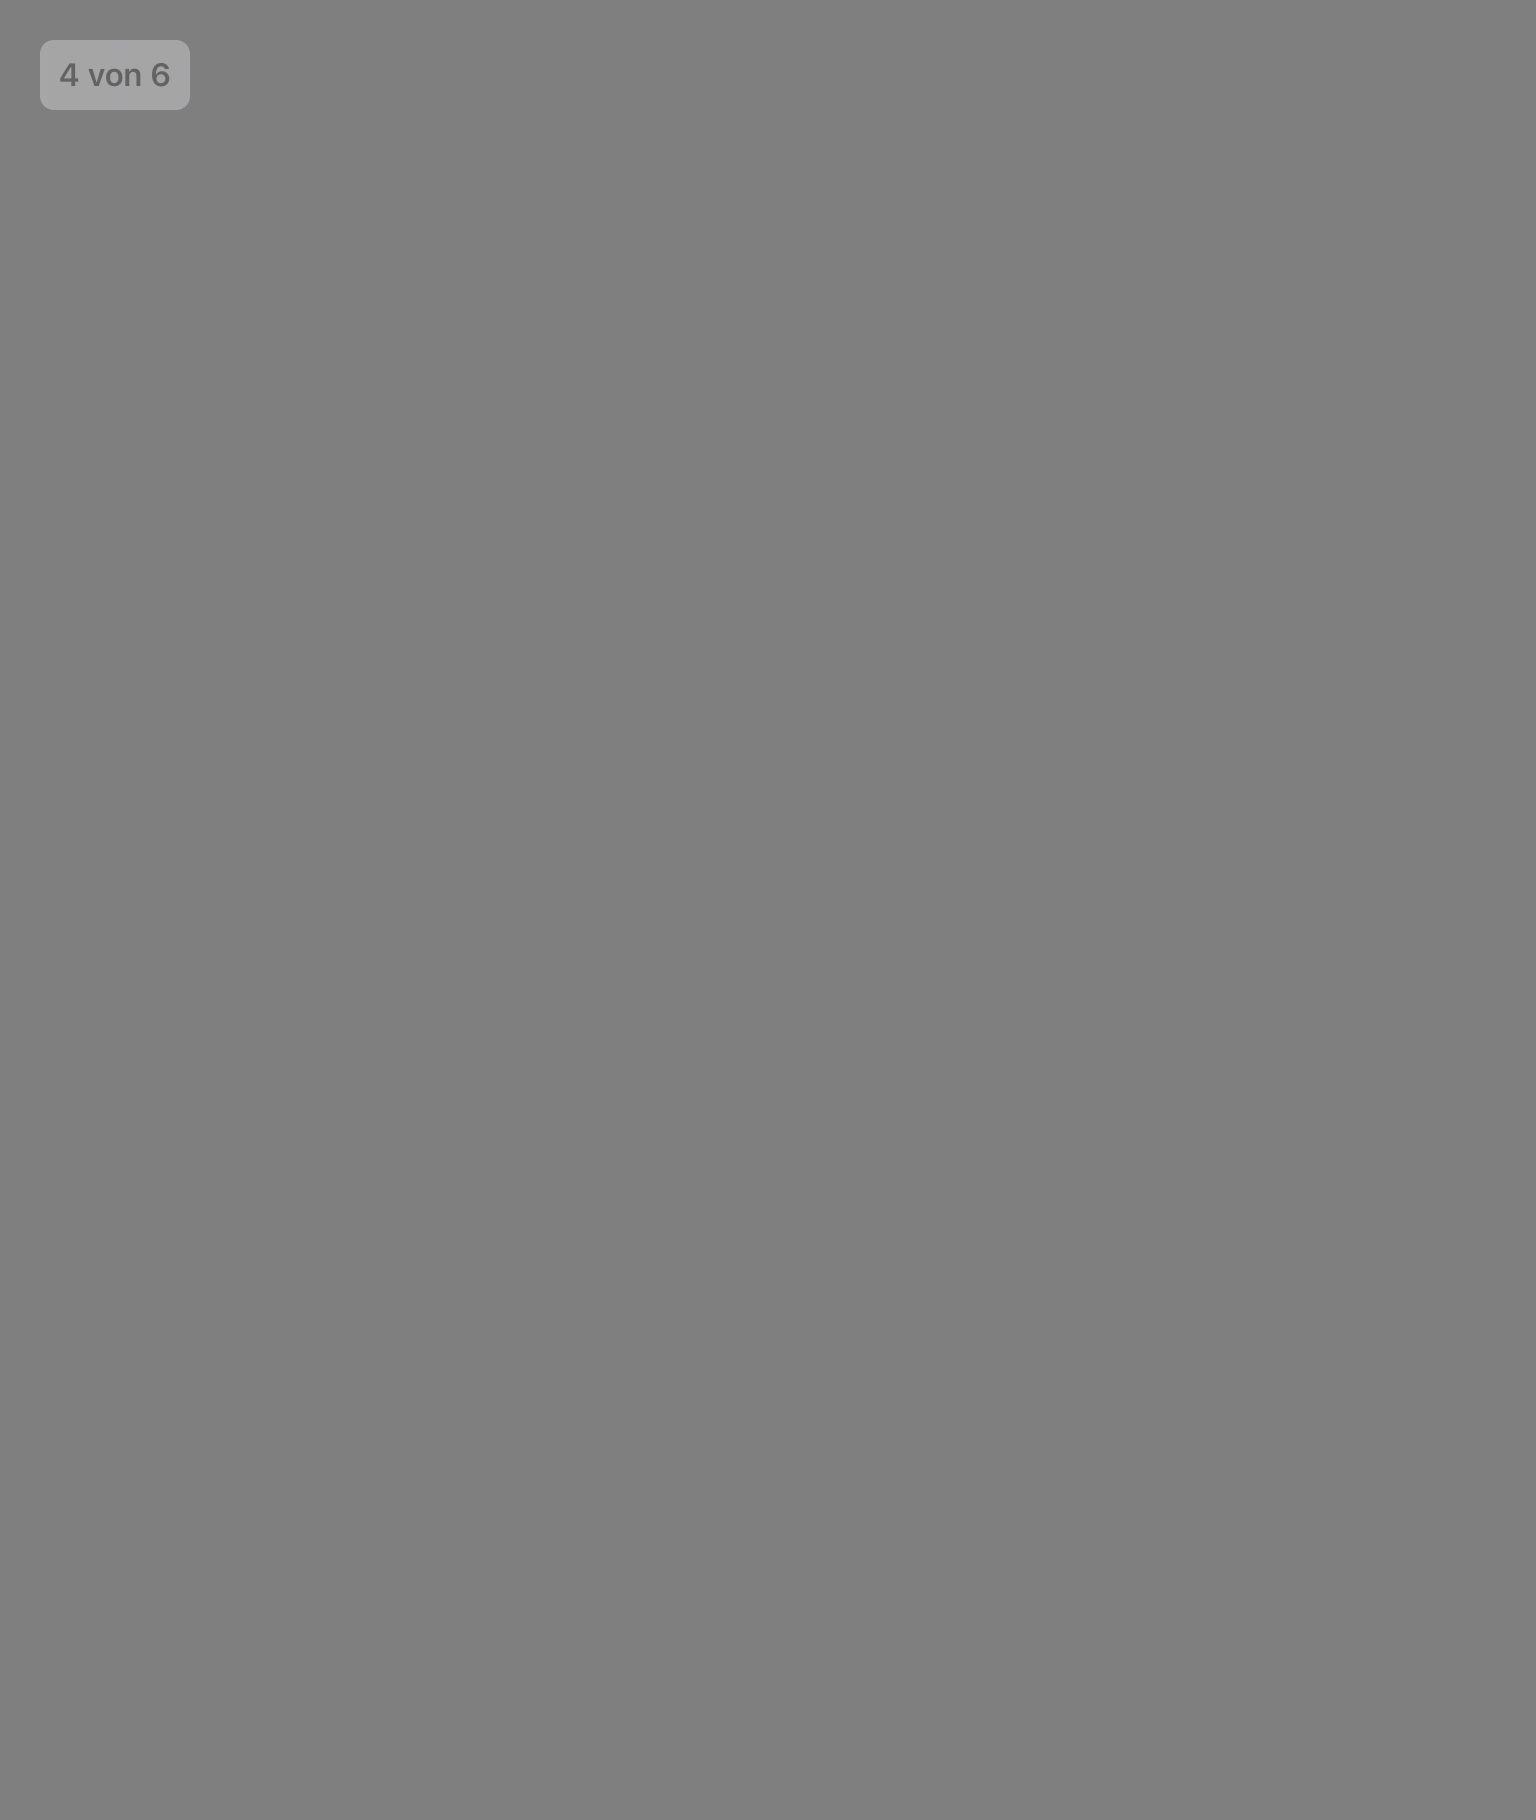 Einfaches hausdesign naksha pin von j blumoser auf strickanleitungen  pinterest  crochet